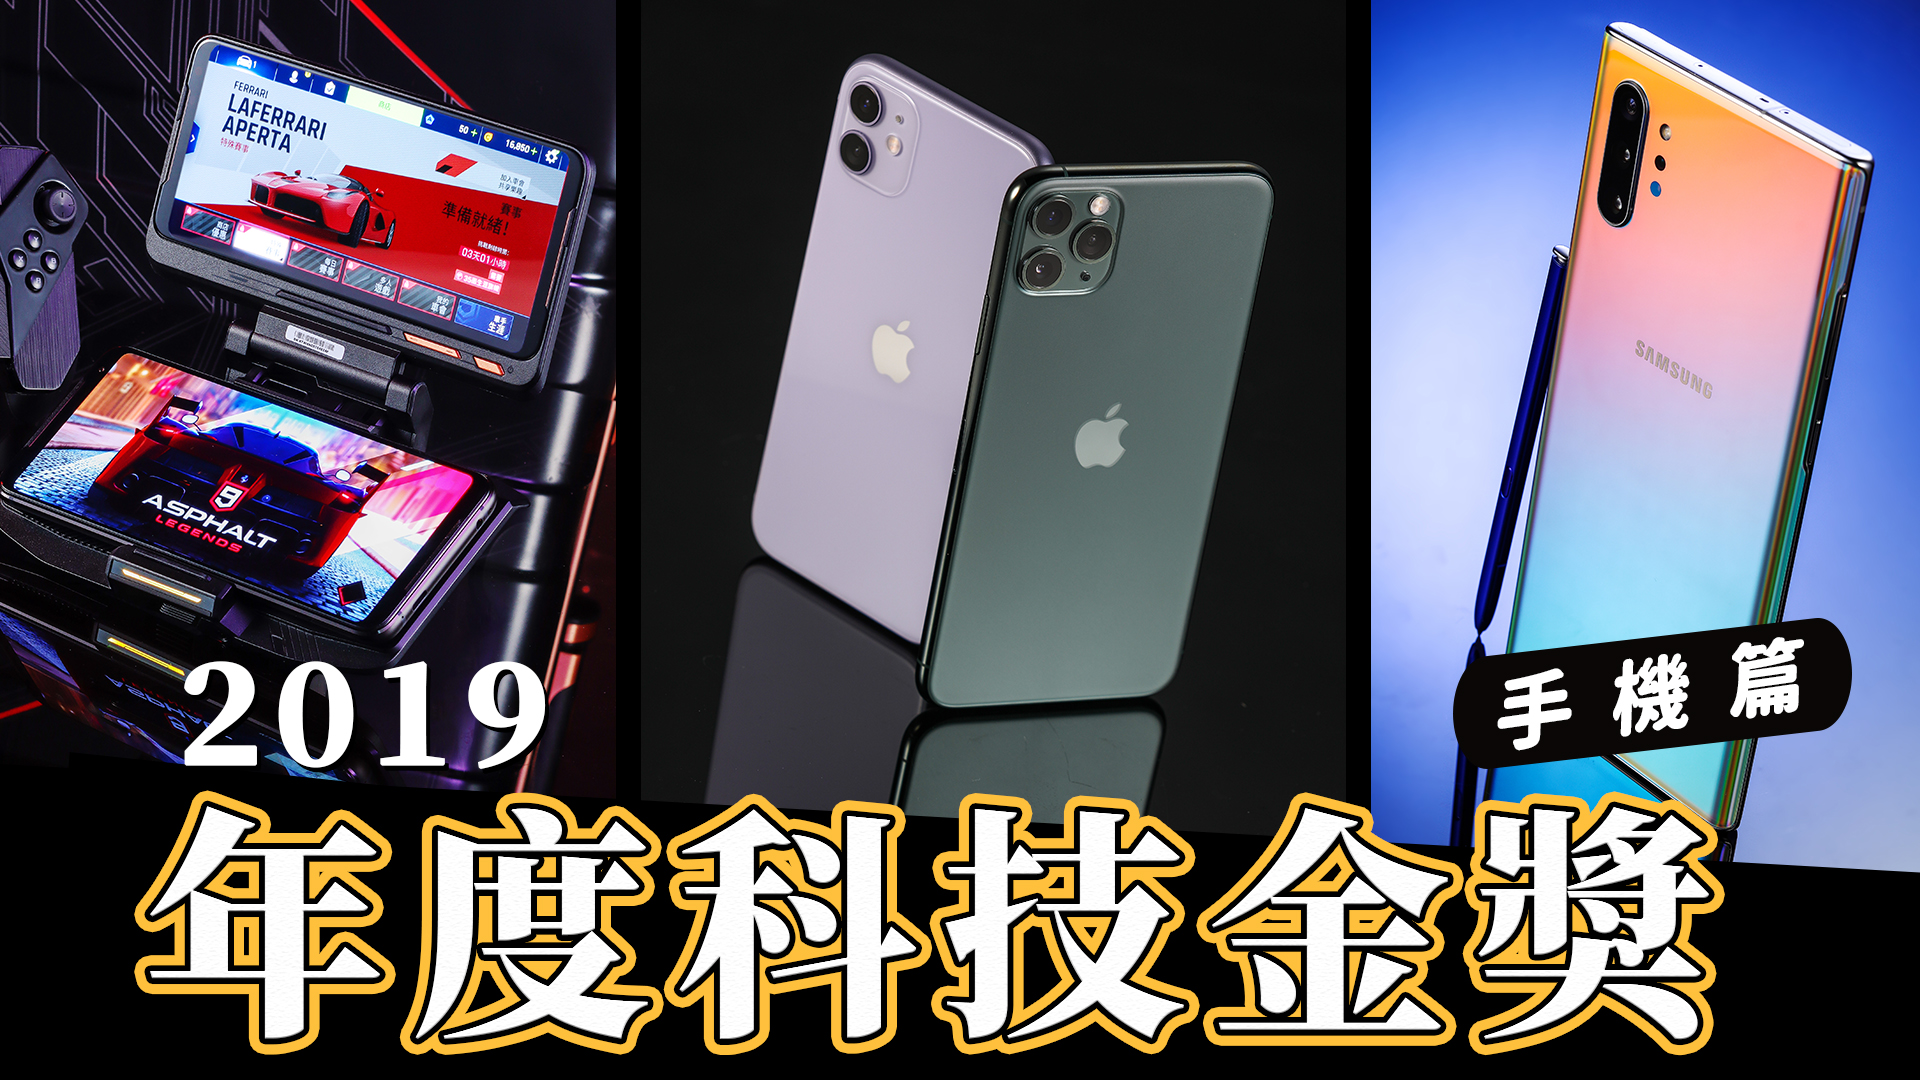 2019 年手機發展回顧:電競、多鏡頭、有創意的週邊配件